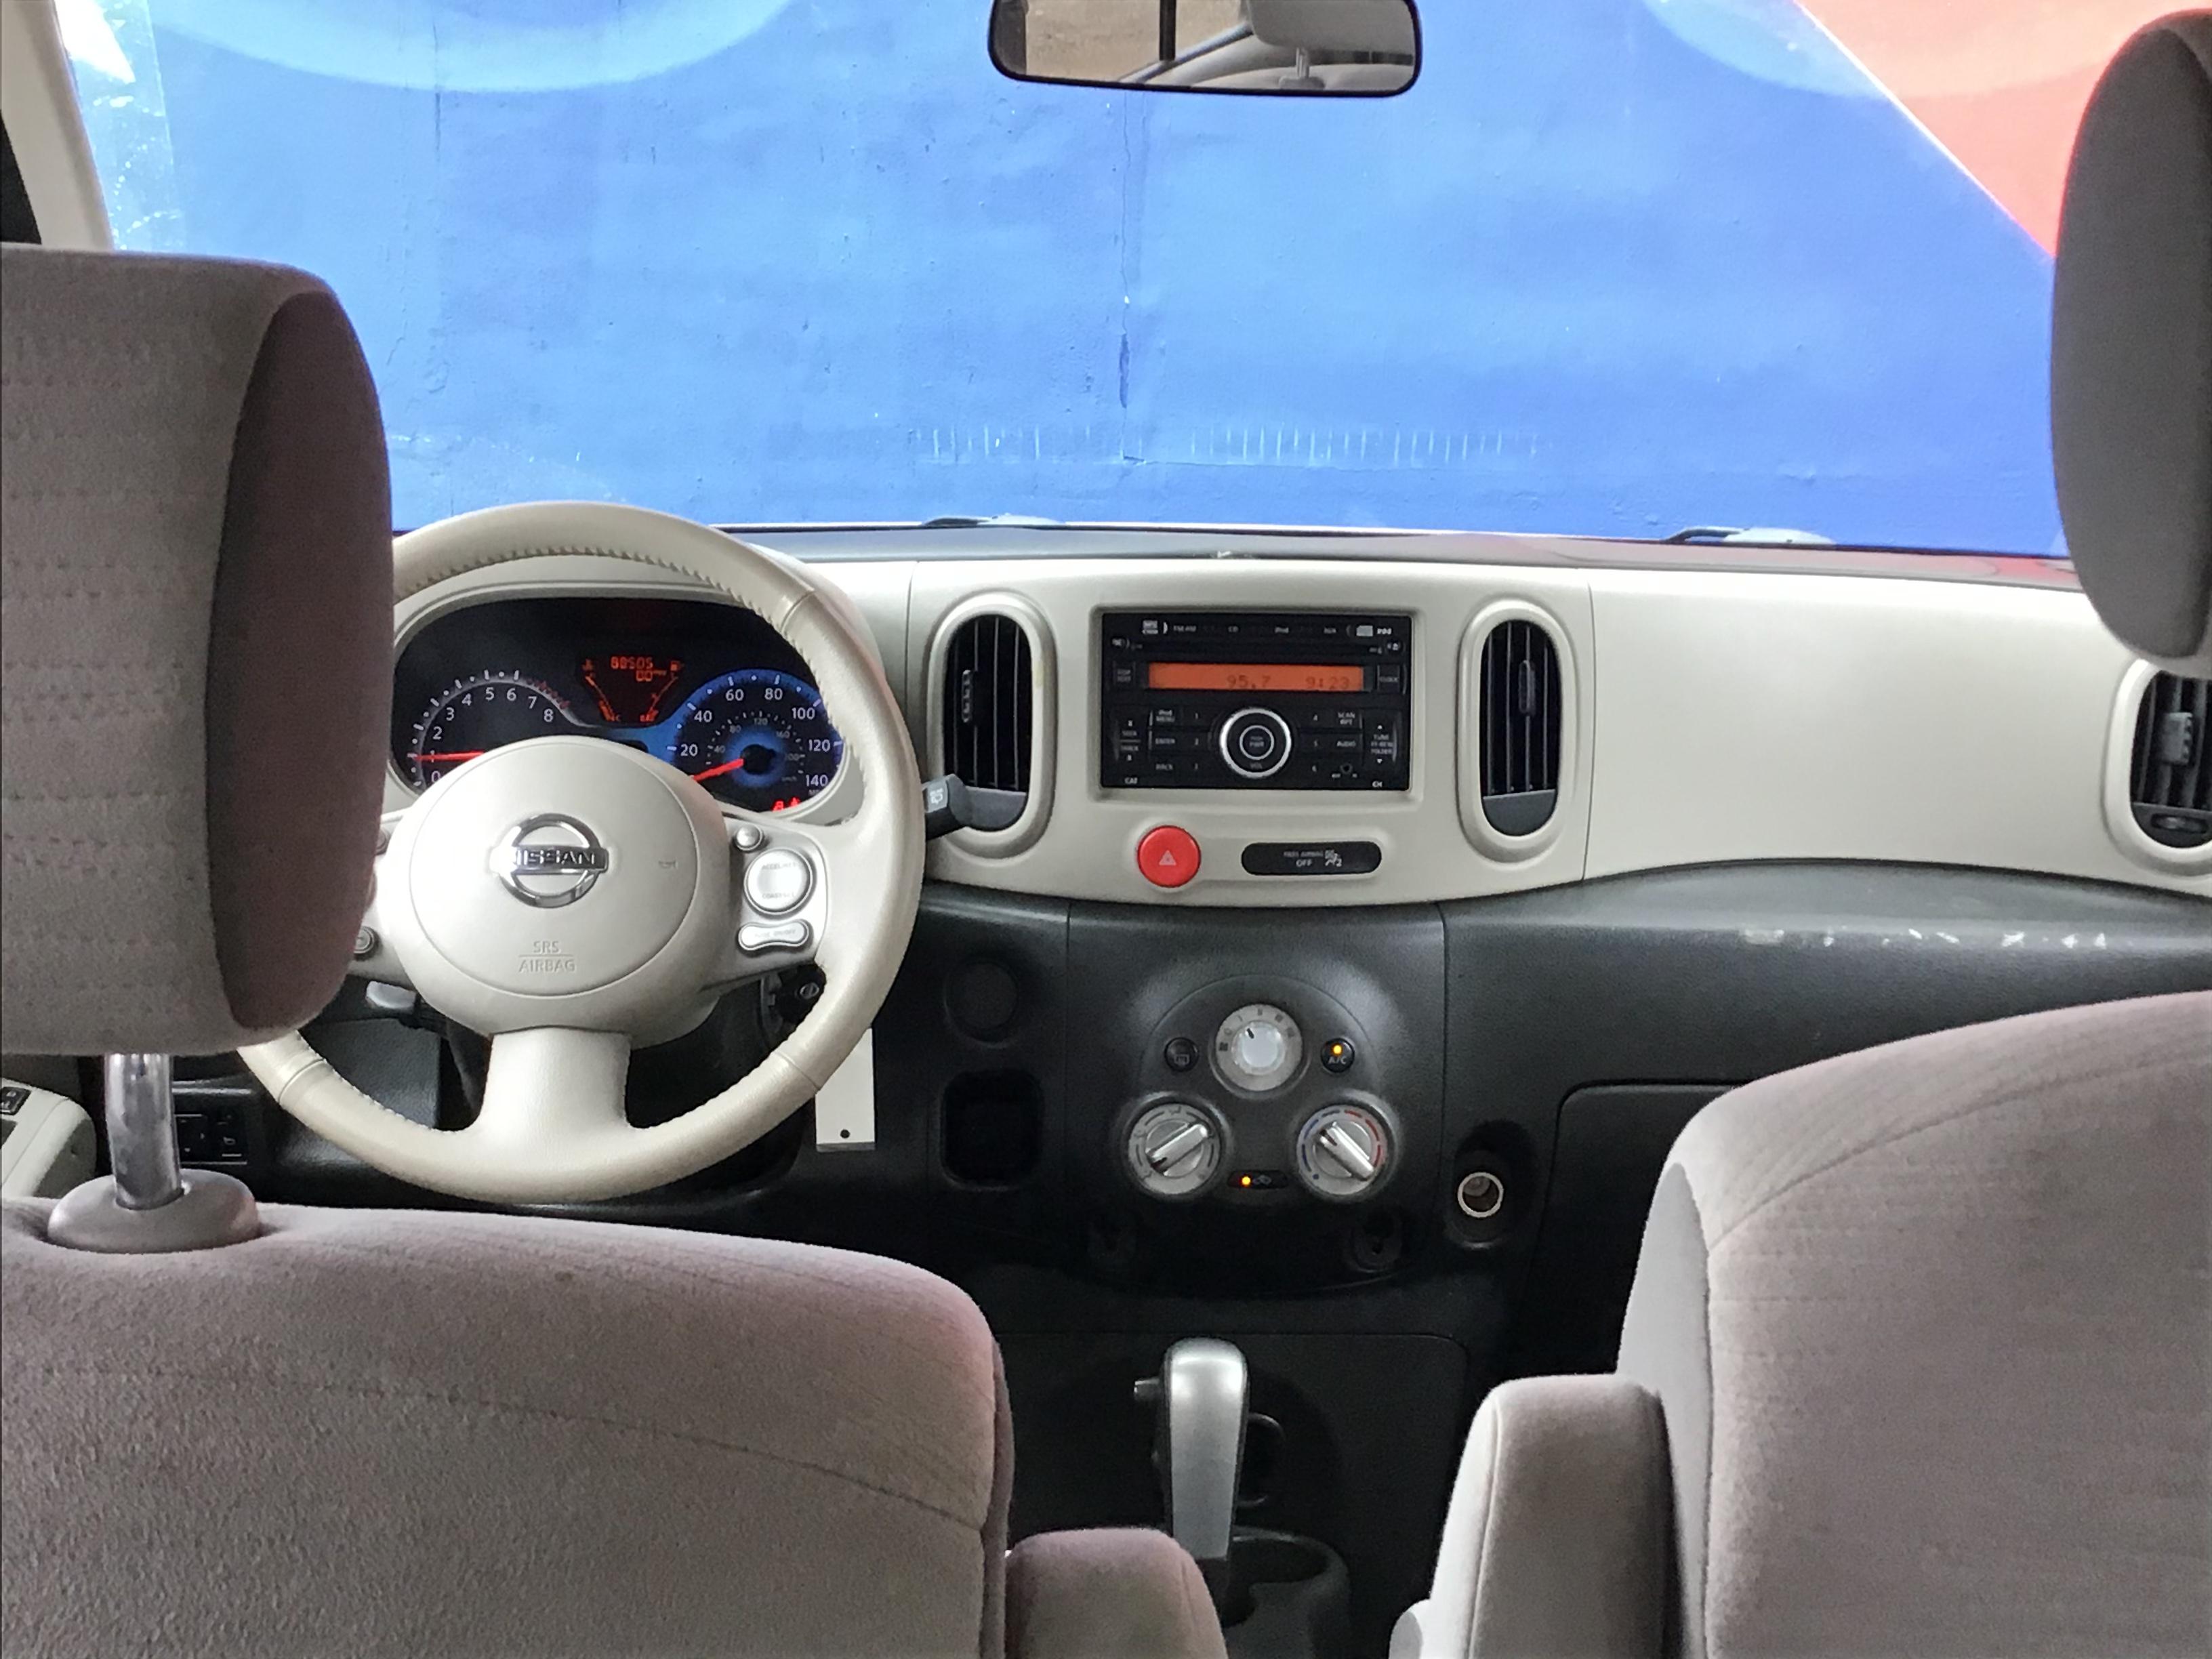 used vehicle - Sedan NISSAN CUBE 2014